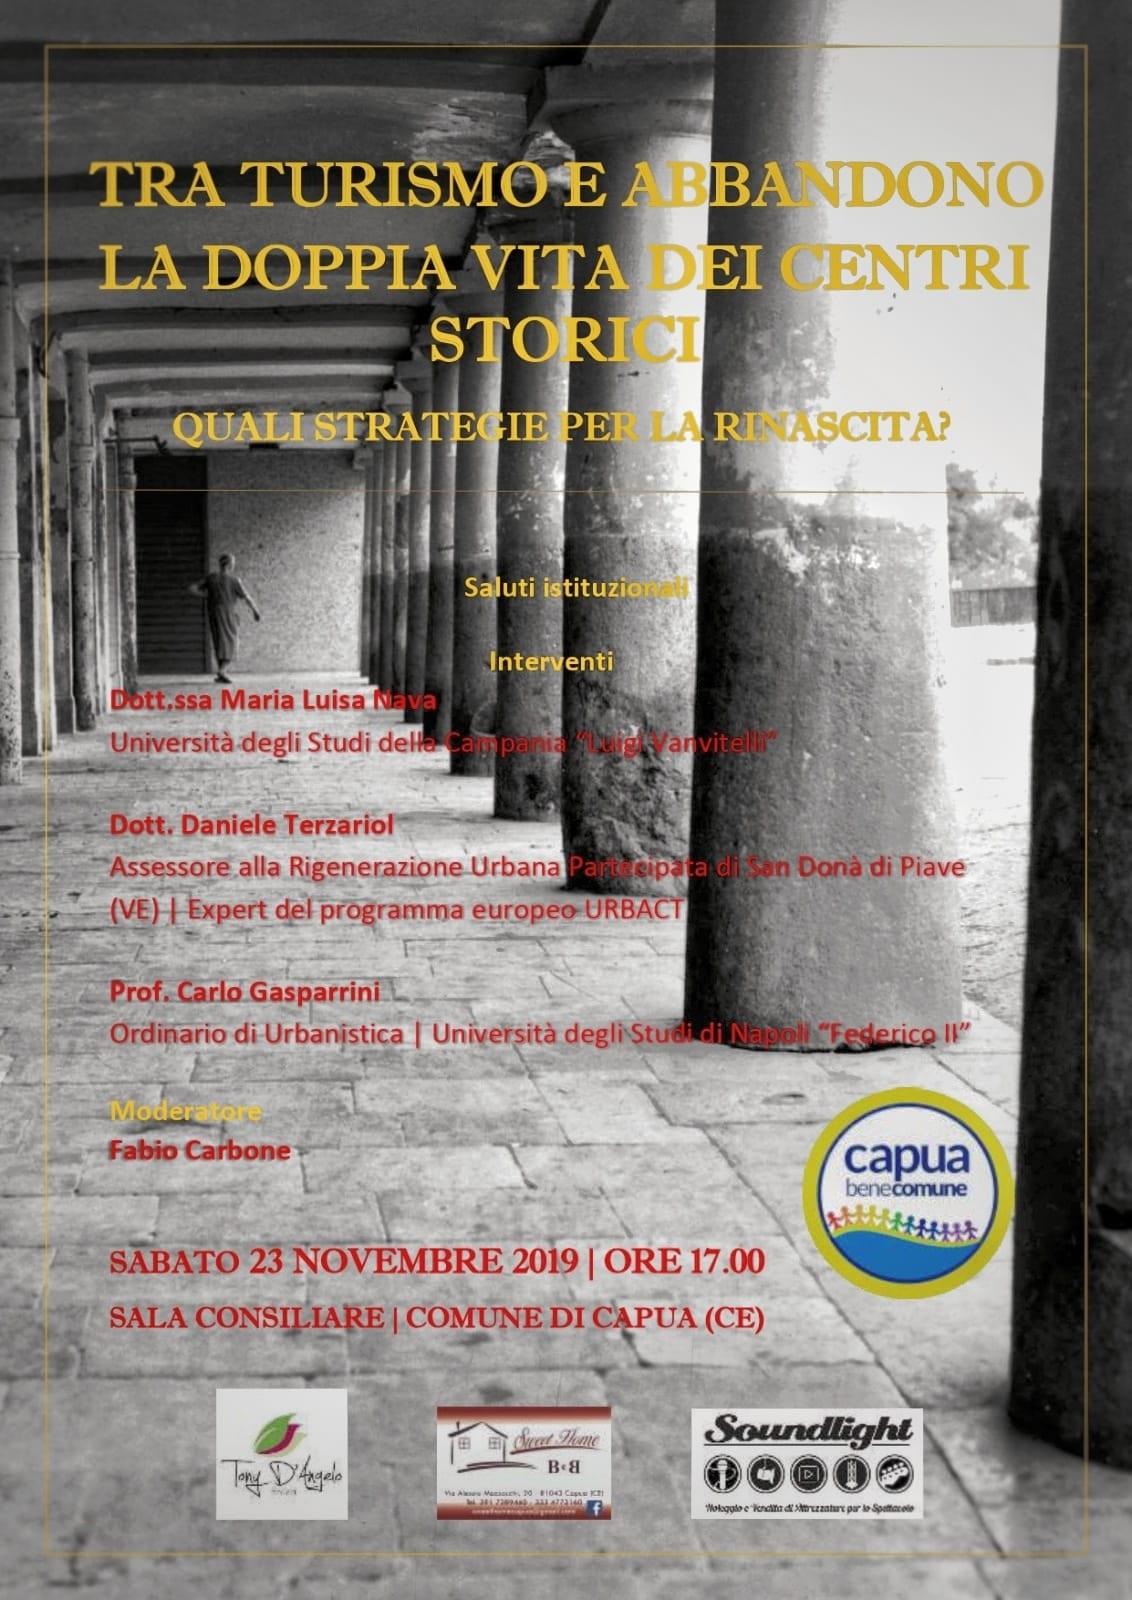 """Capua. """"Tra turismo e abbandono. La doppia vita dei centri storici"""". Seconda iniziativa di Capua Bene Comune. - Capuaonline.com"""